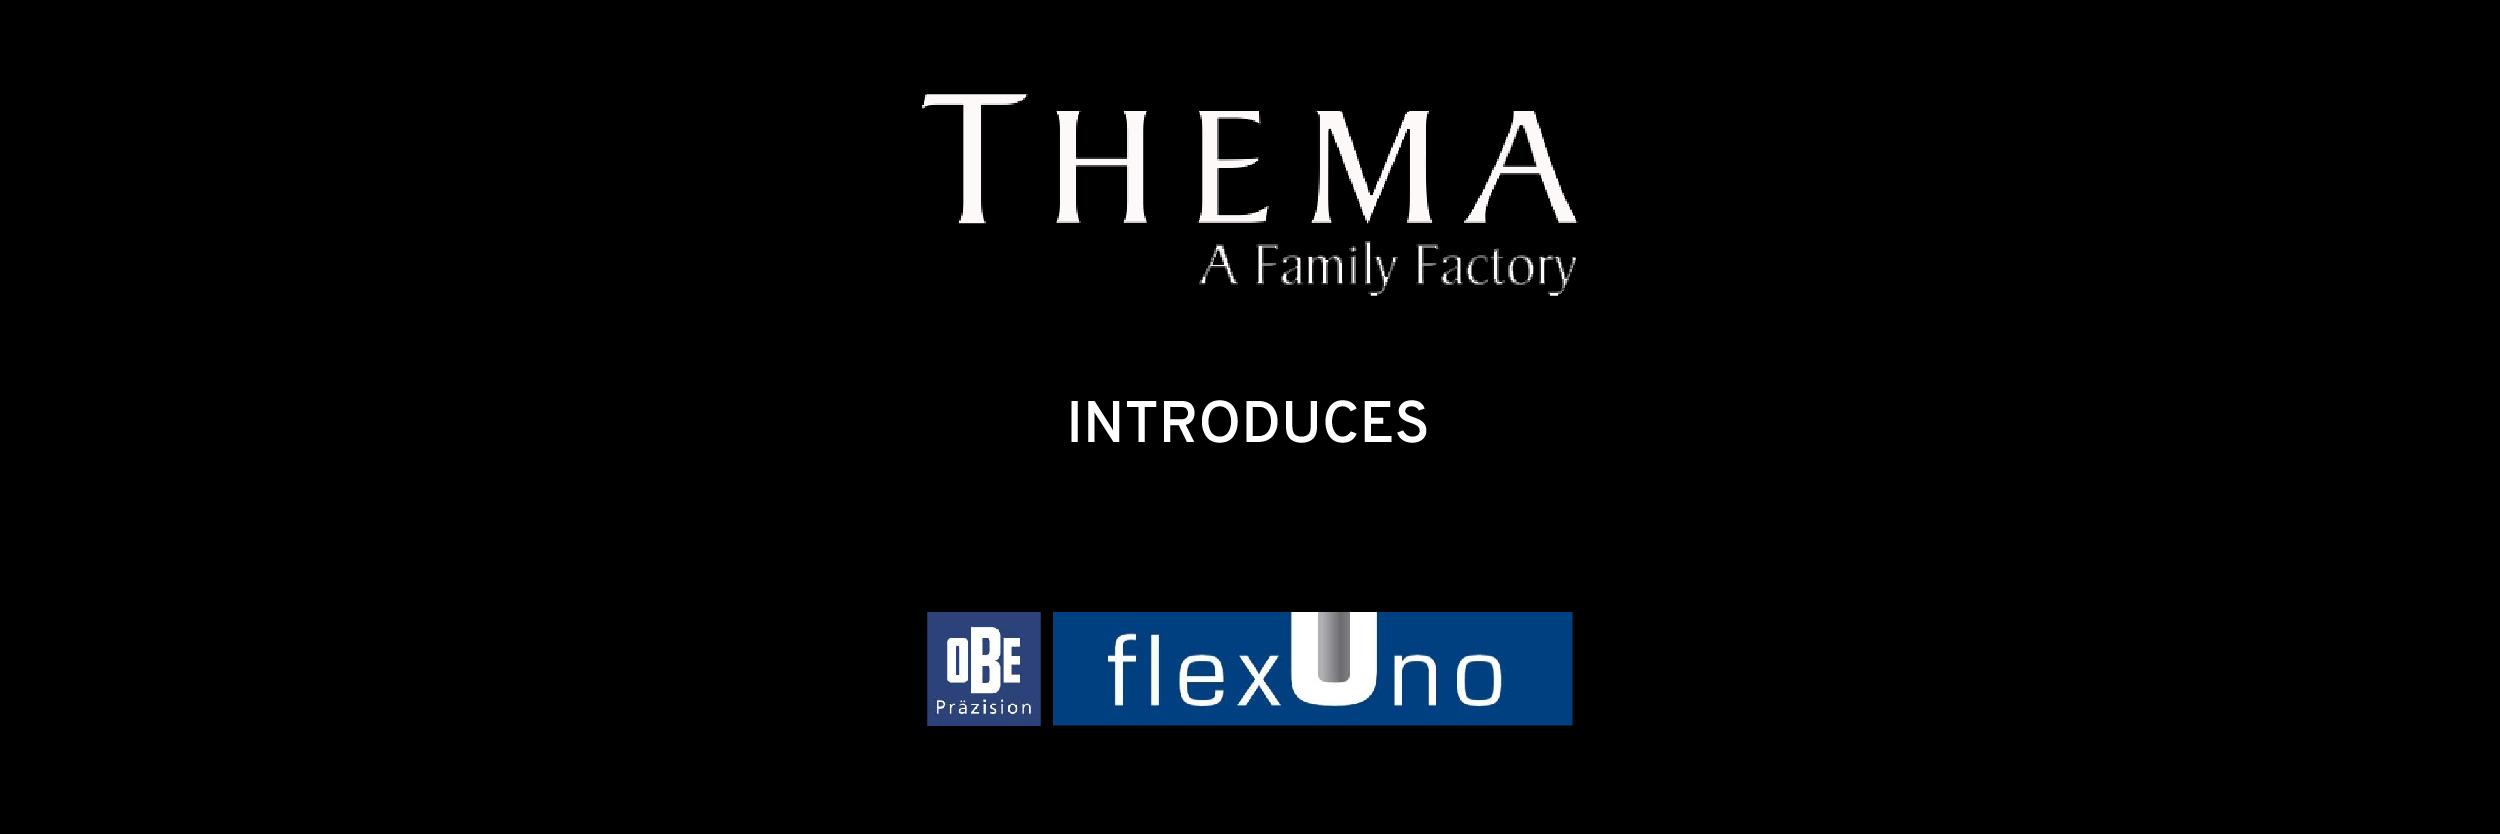 Thema: accordo con OBE per l'utilizzo della cerniera Flexuno